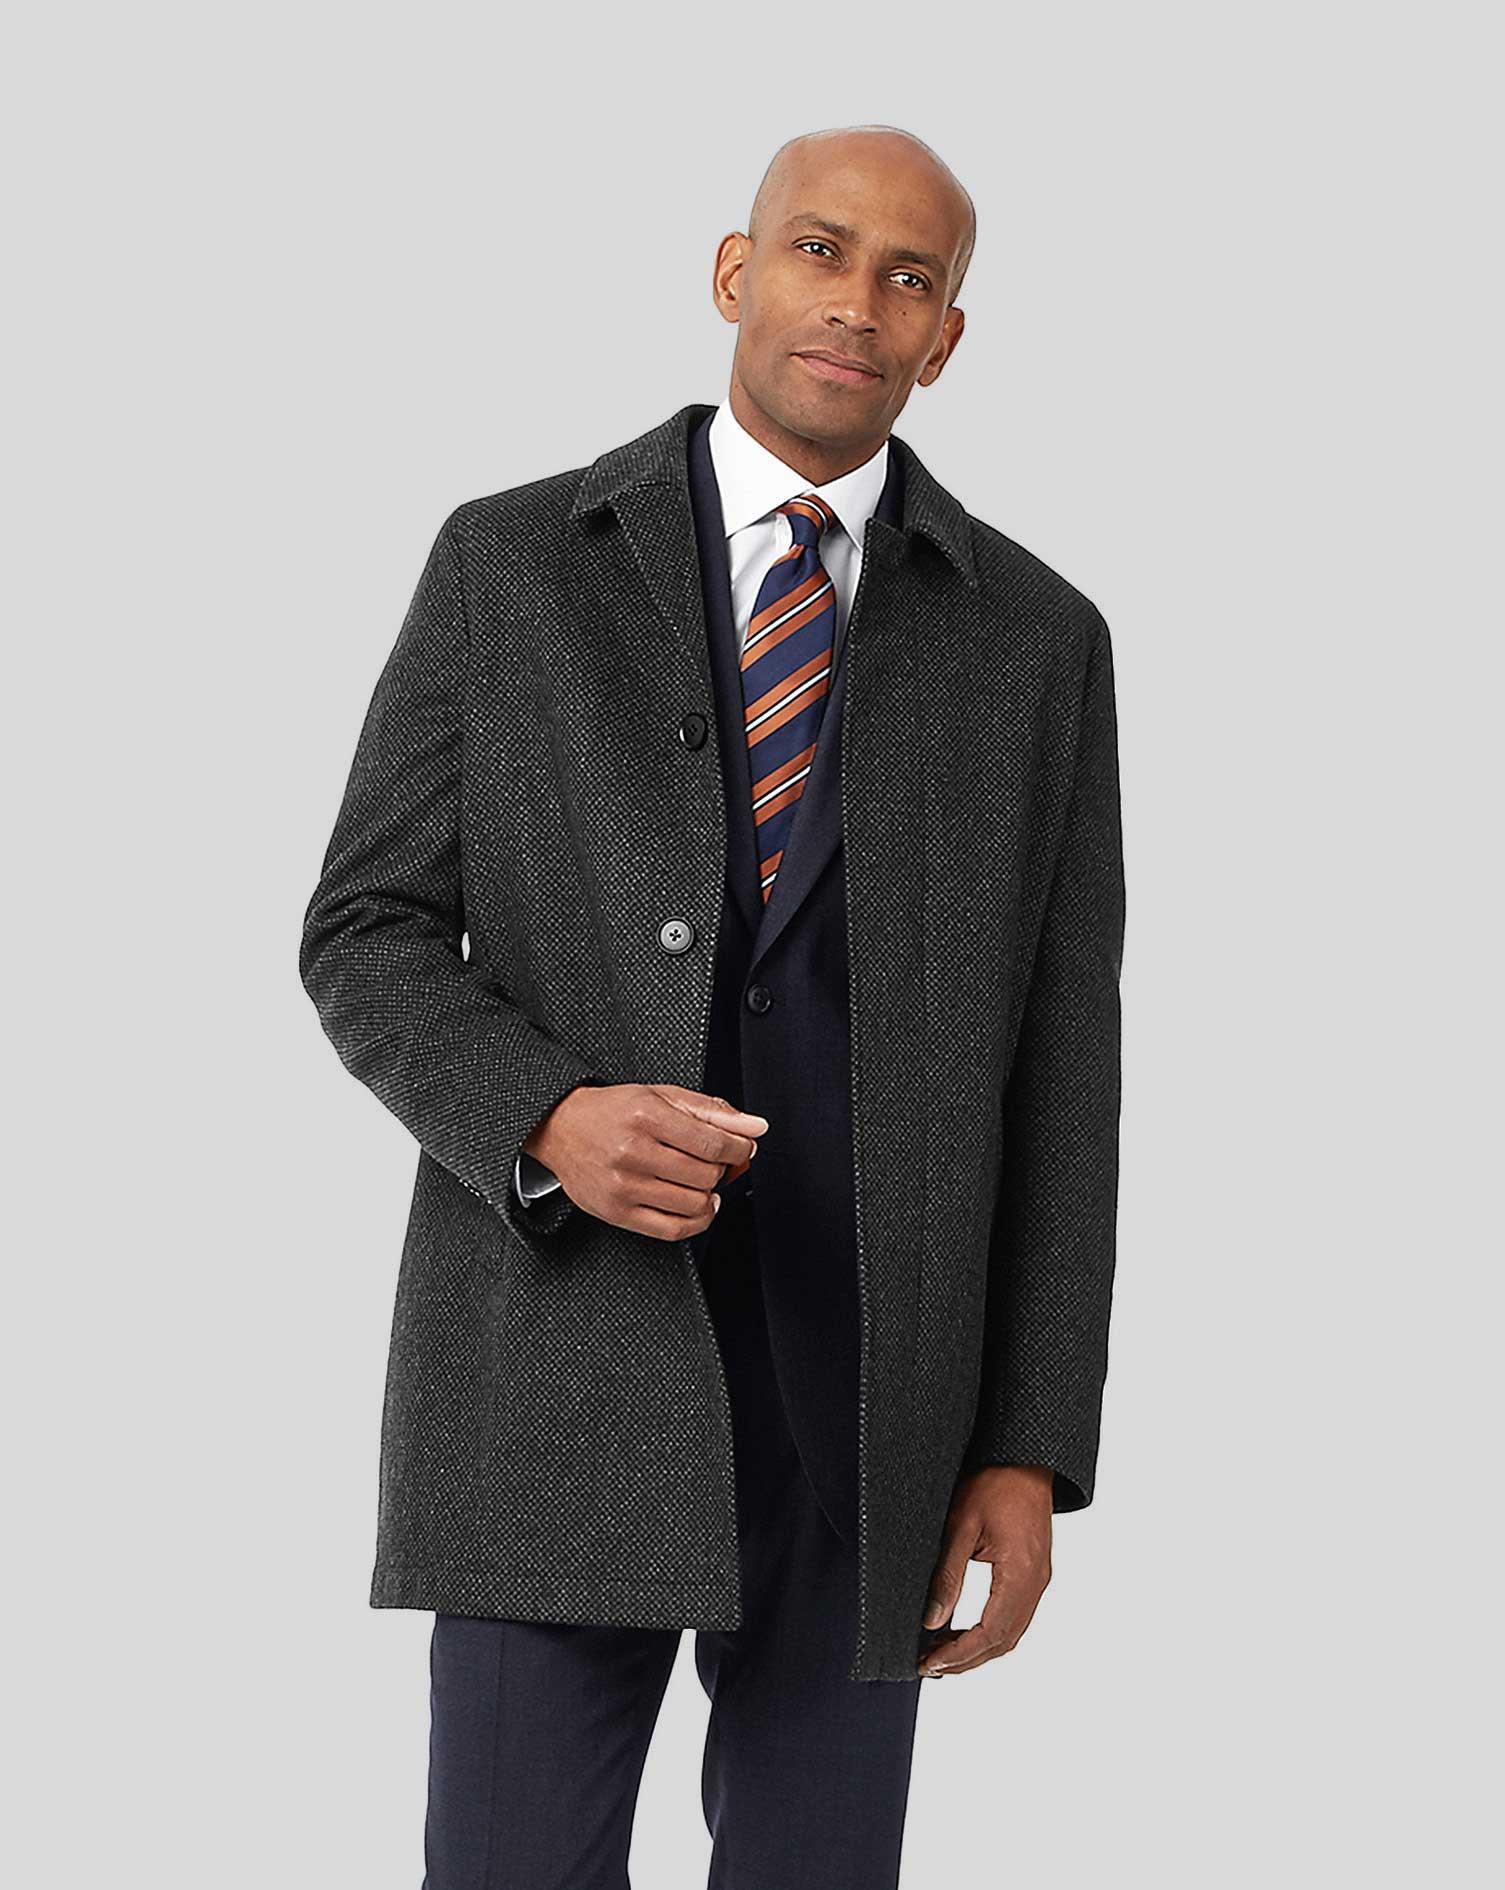 Image of Charles Tyrwhitt Birdseye Car Wool Coat - Charcoal Size 46 Regular by Charles Tyrwhitt